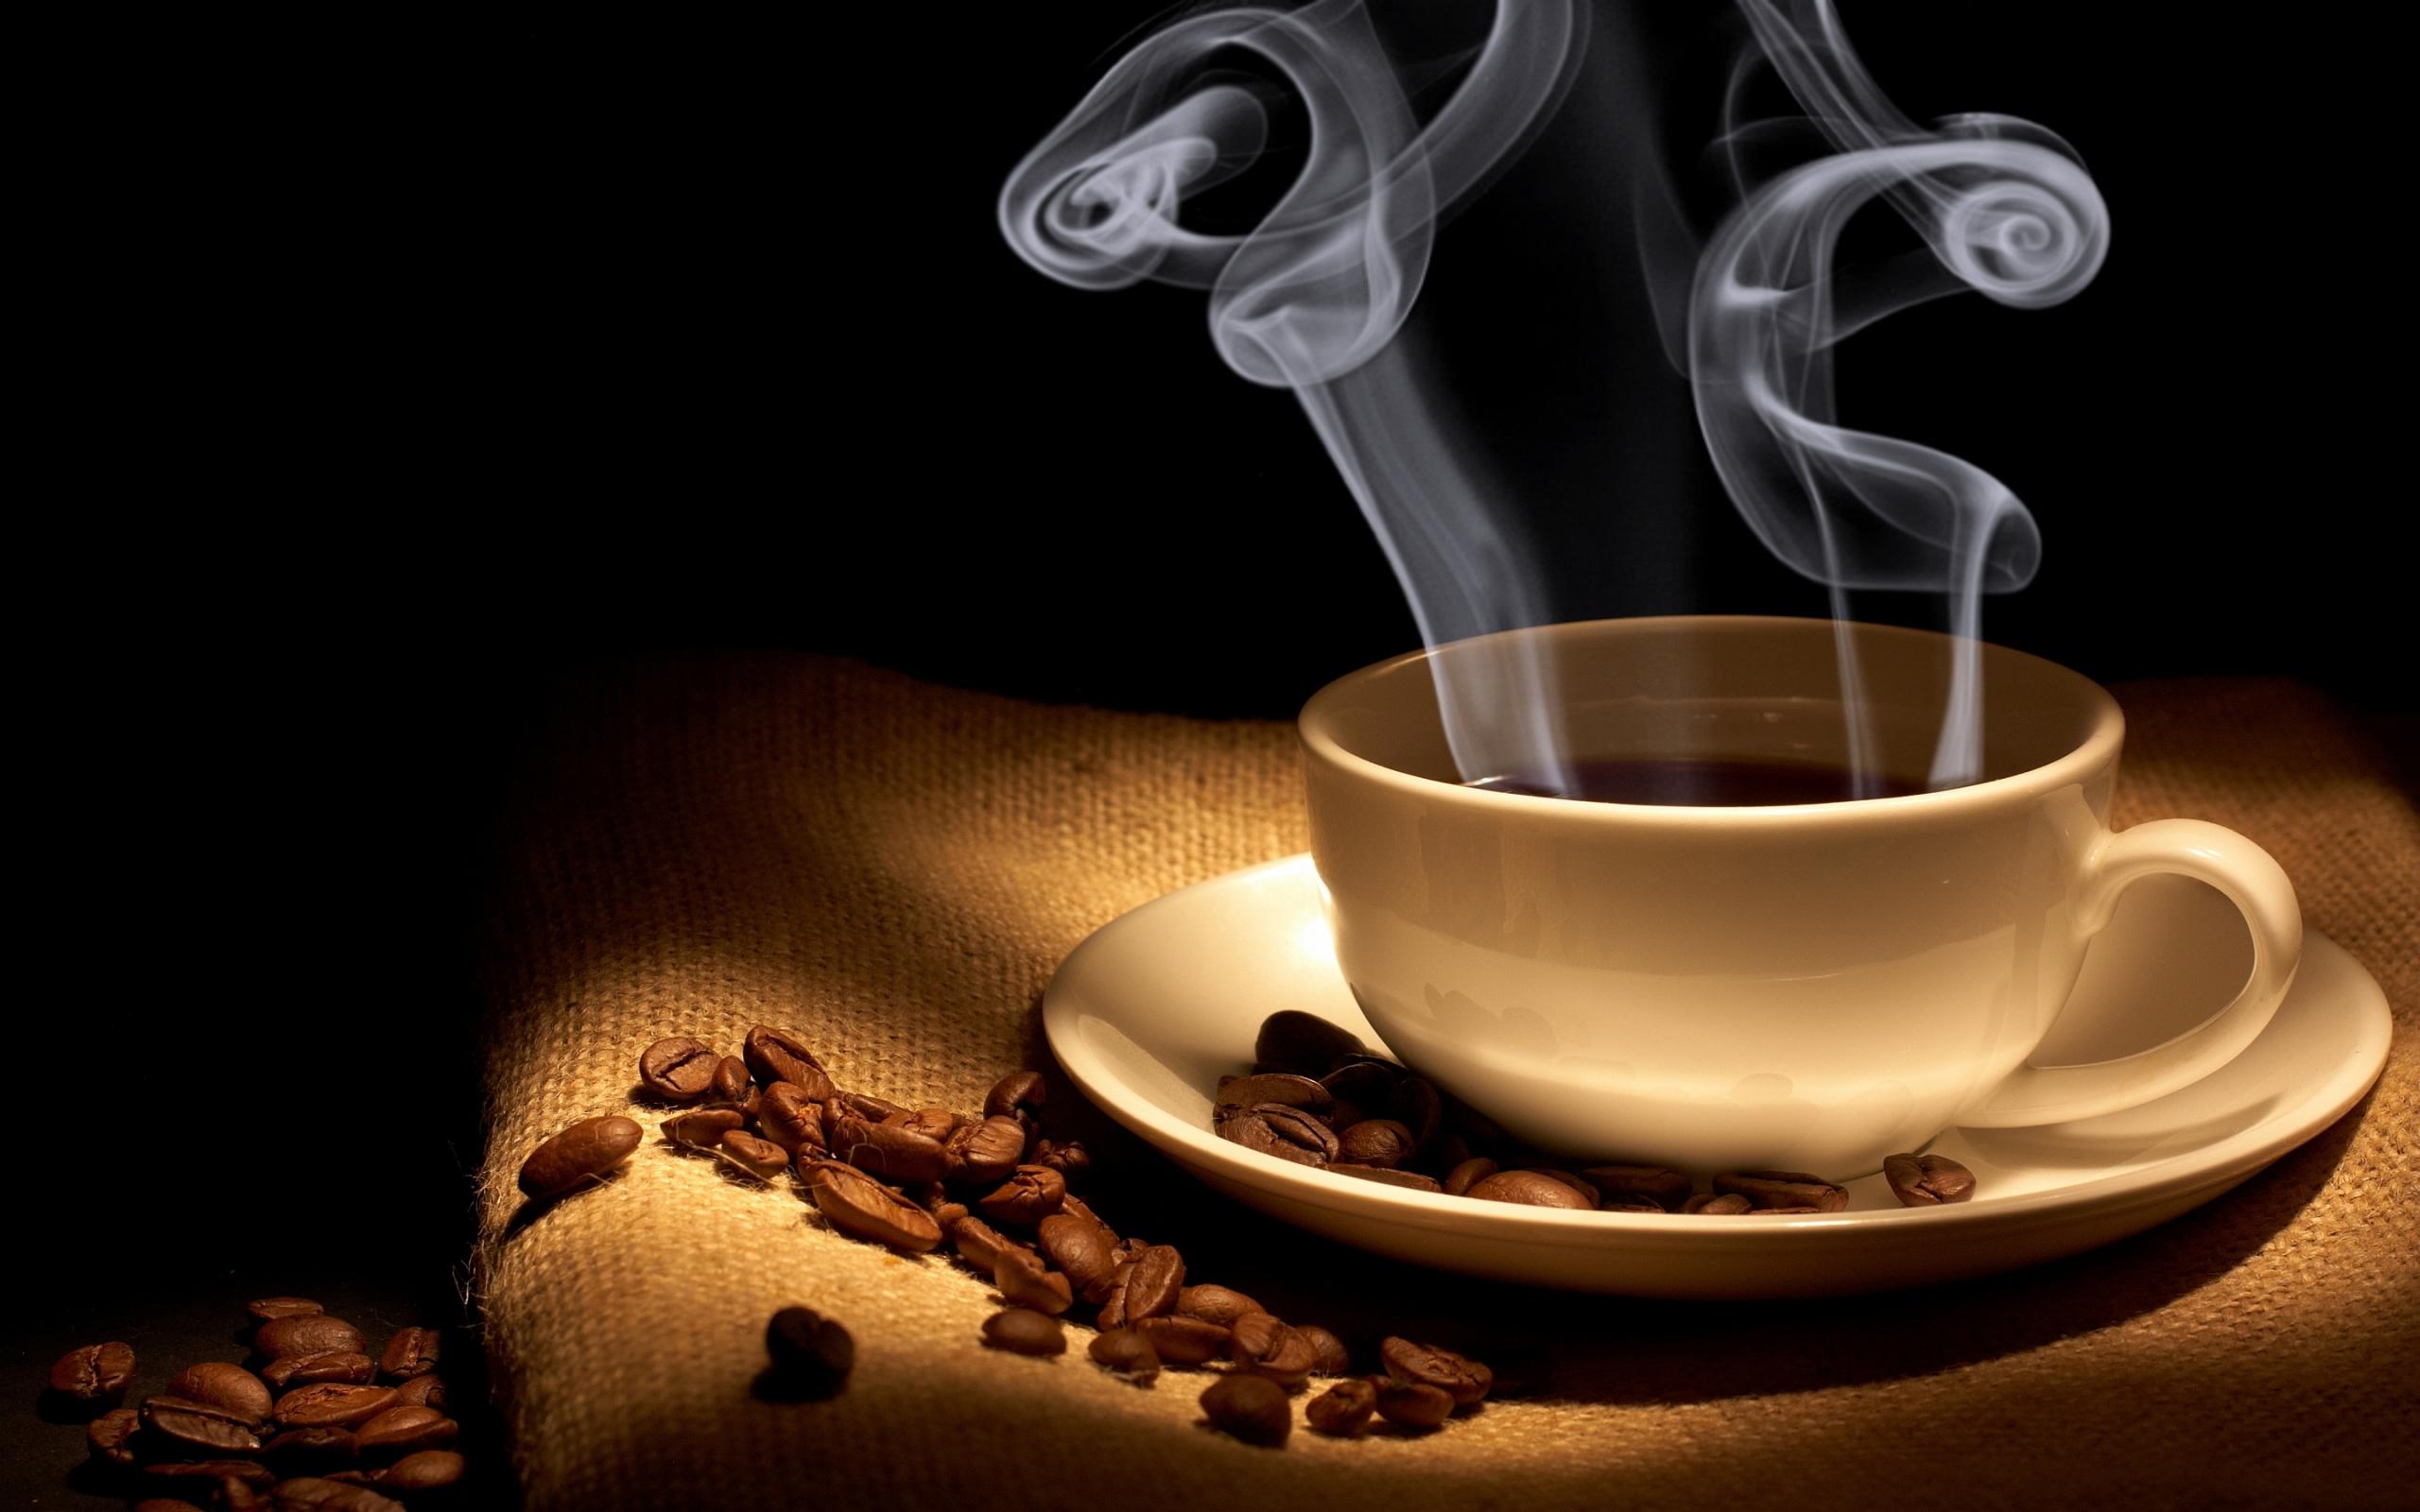 чашка для кофе делонги